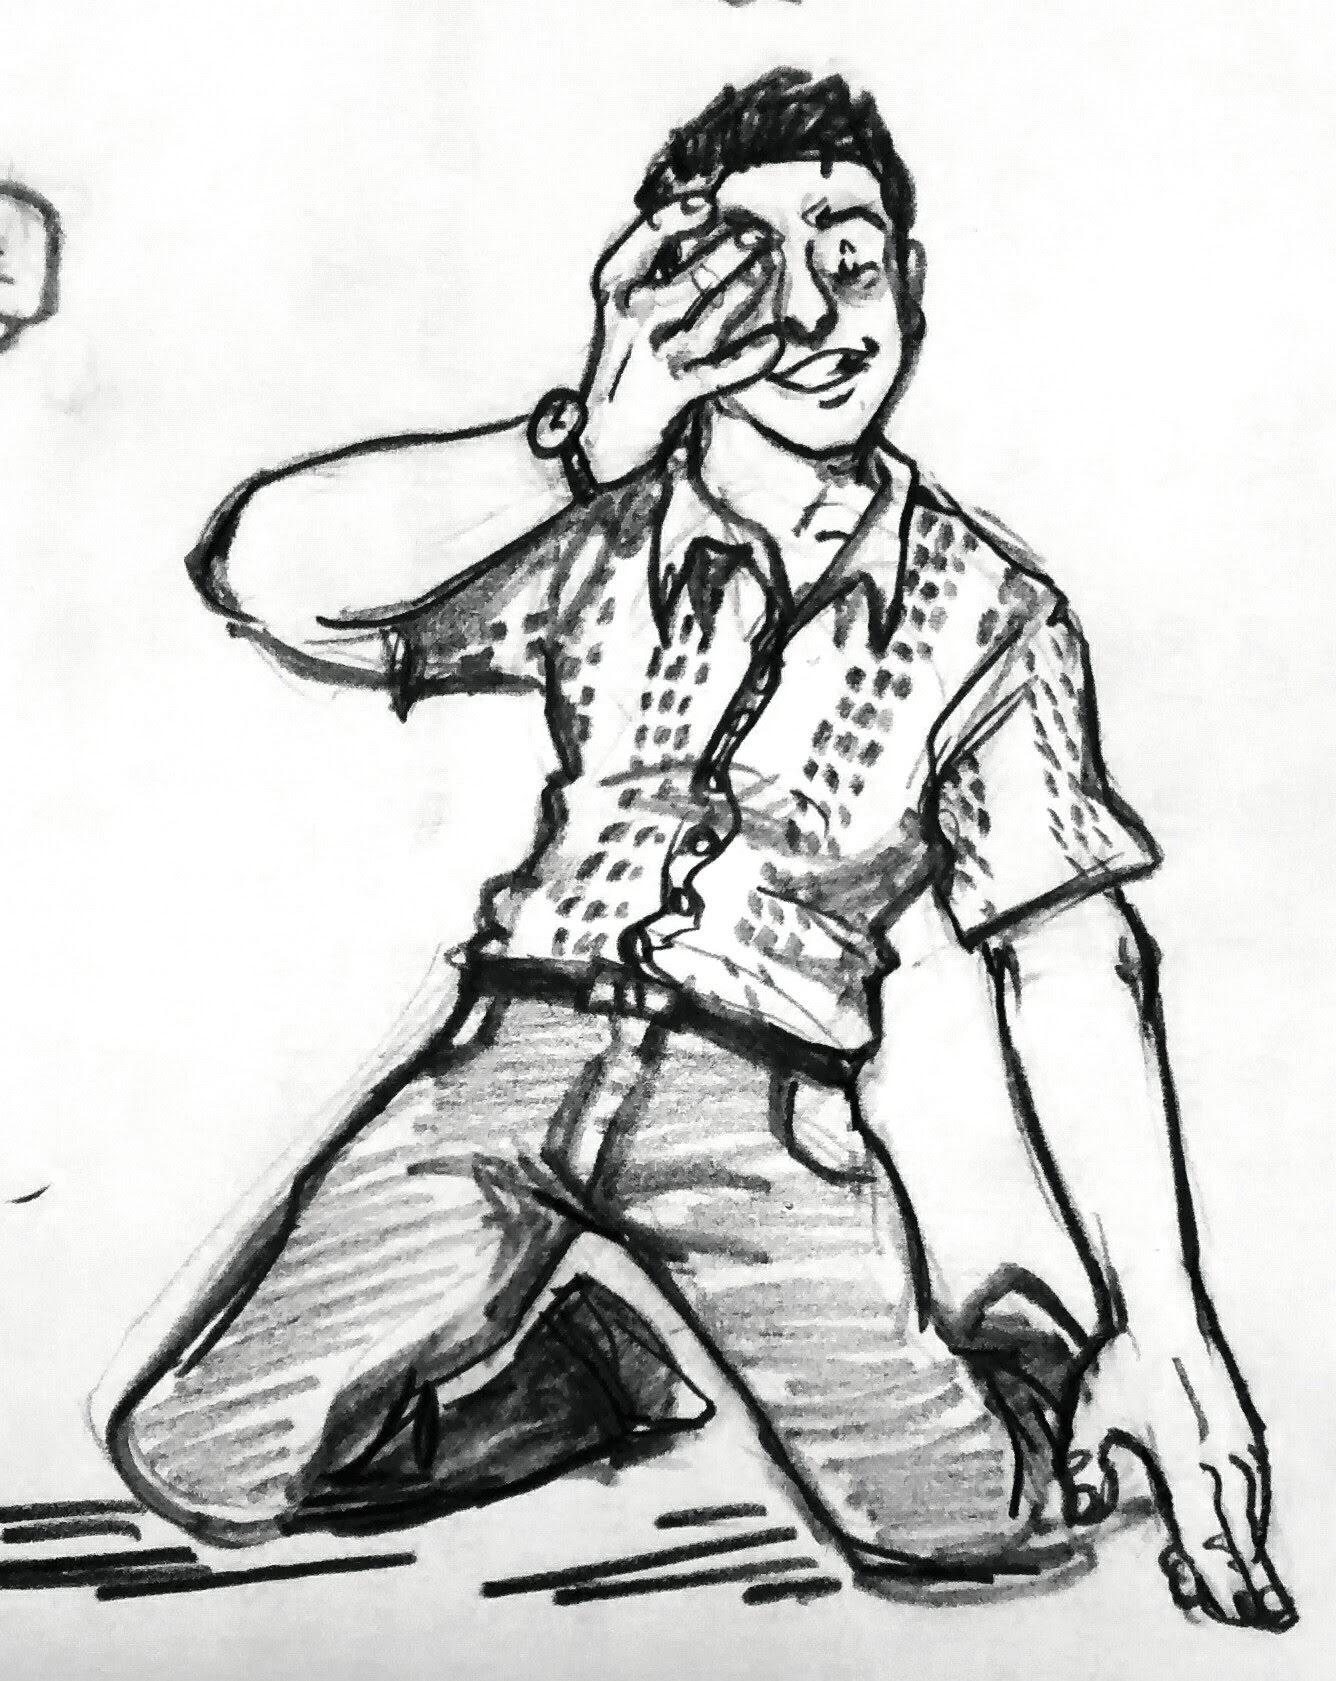 Flansburgh as John Wayne Gacy for Watchface